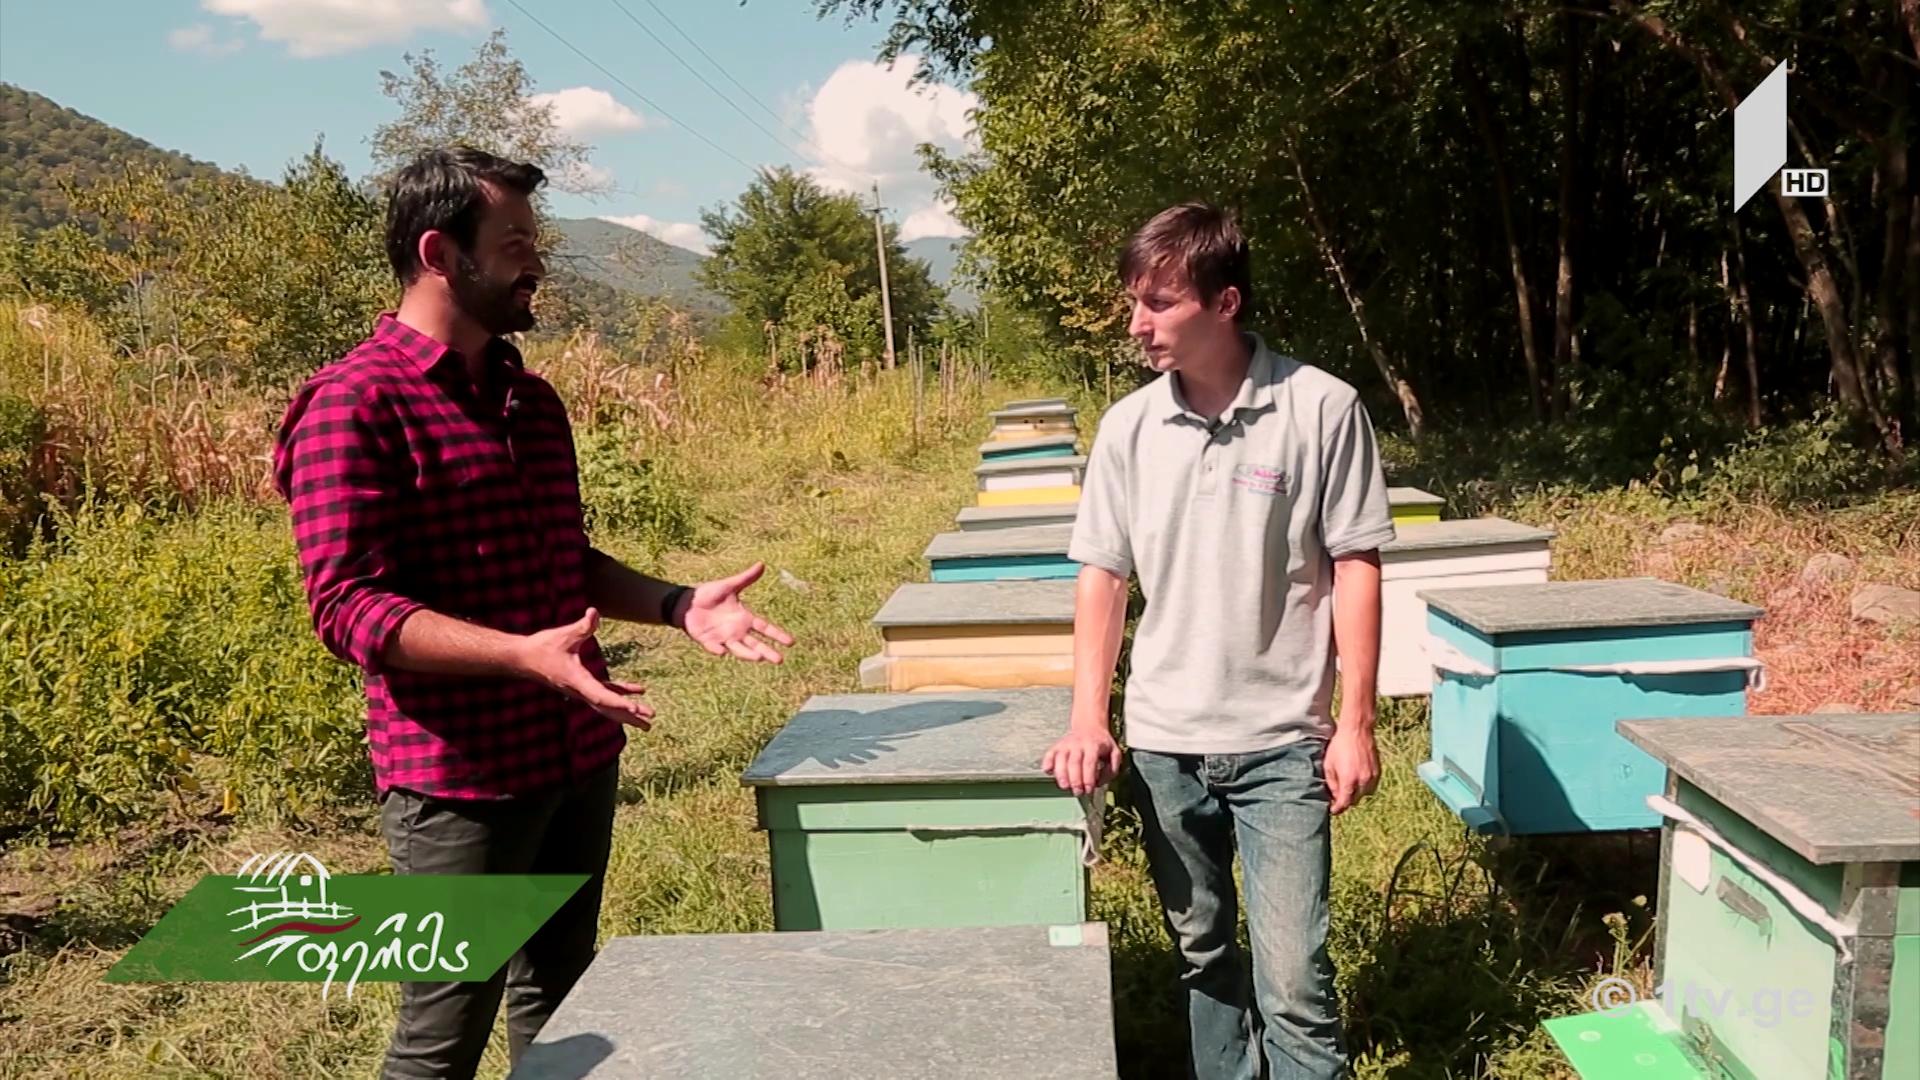 ახალგაზრდა მეფუტკრის ერთი სკით დაწყებული ბიზნესი/ ურბანული მეფუტკრეობა თბილისში/ ველური მცენარეების საიდუმლო და სარგებელი #ფერმაში